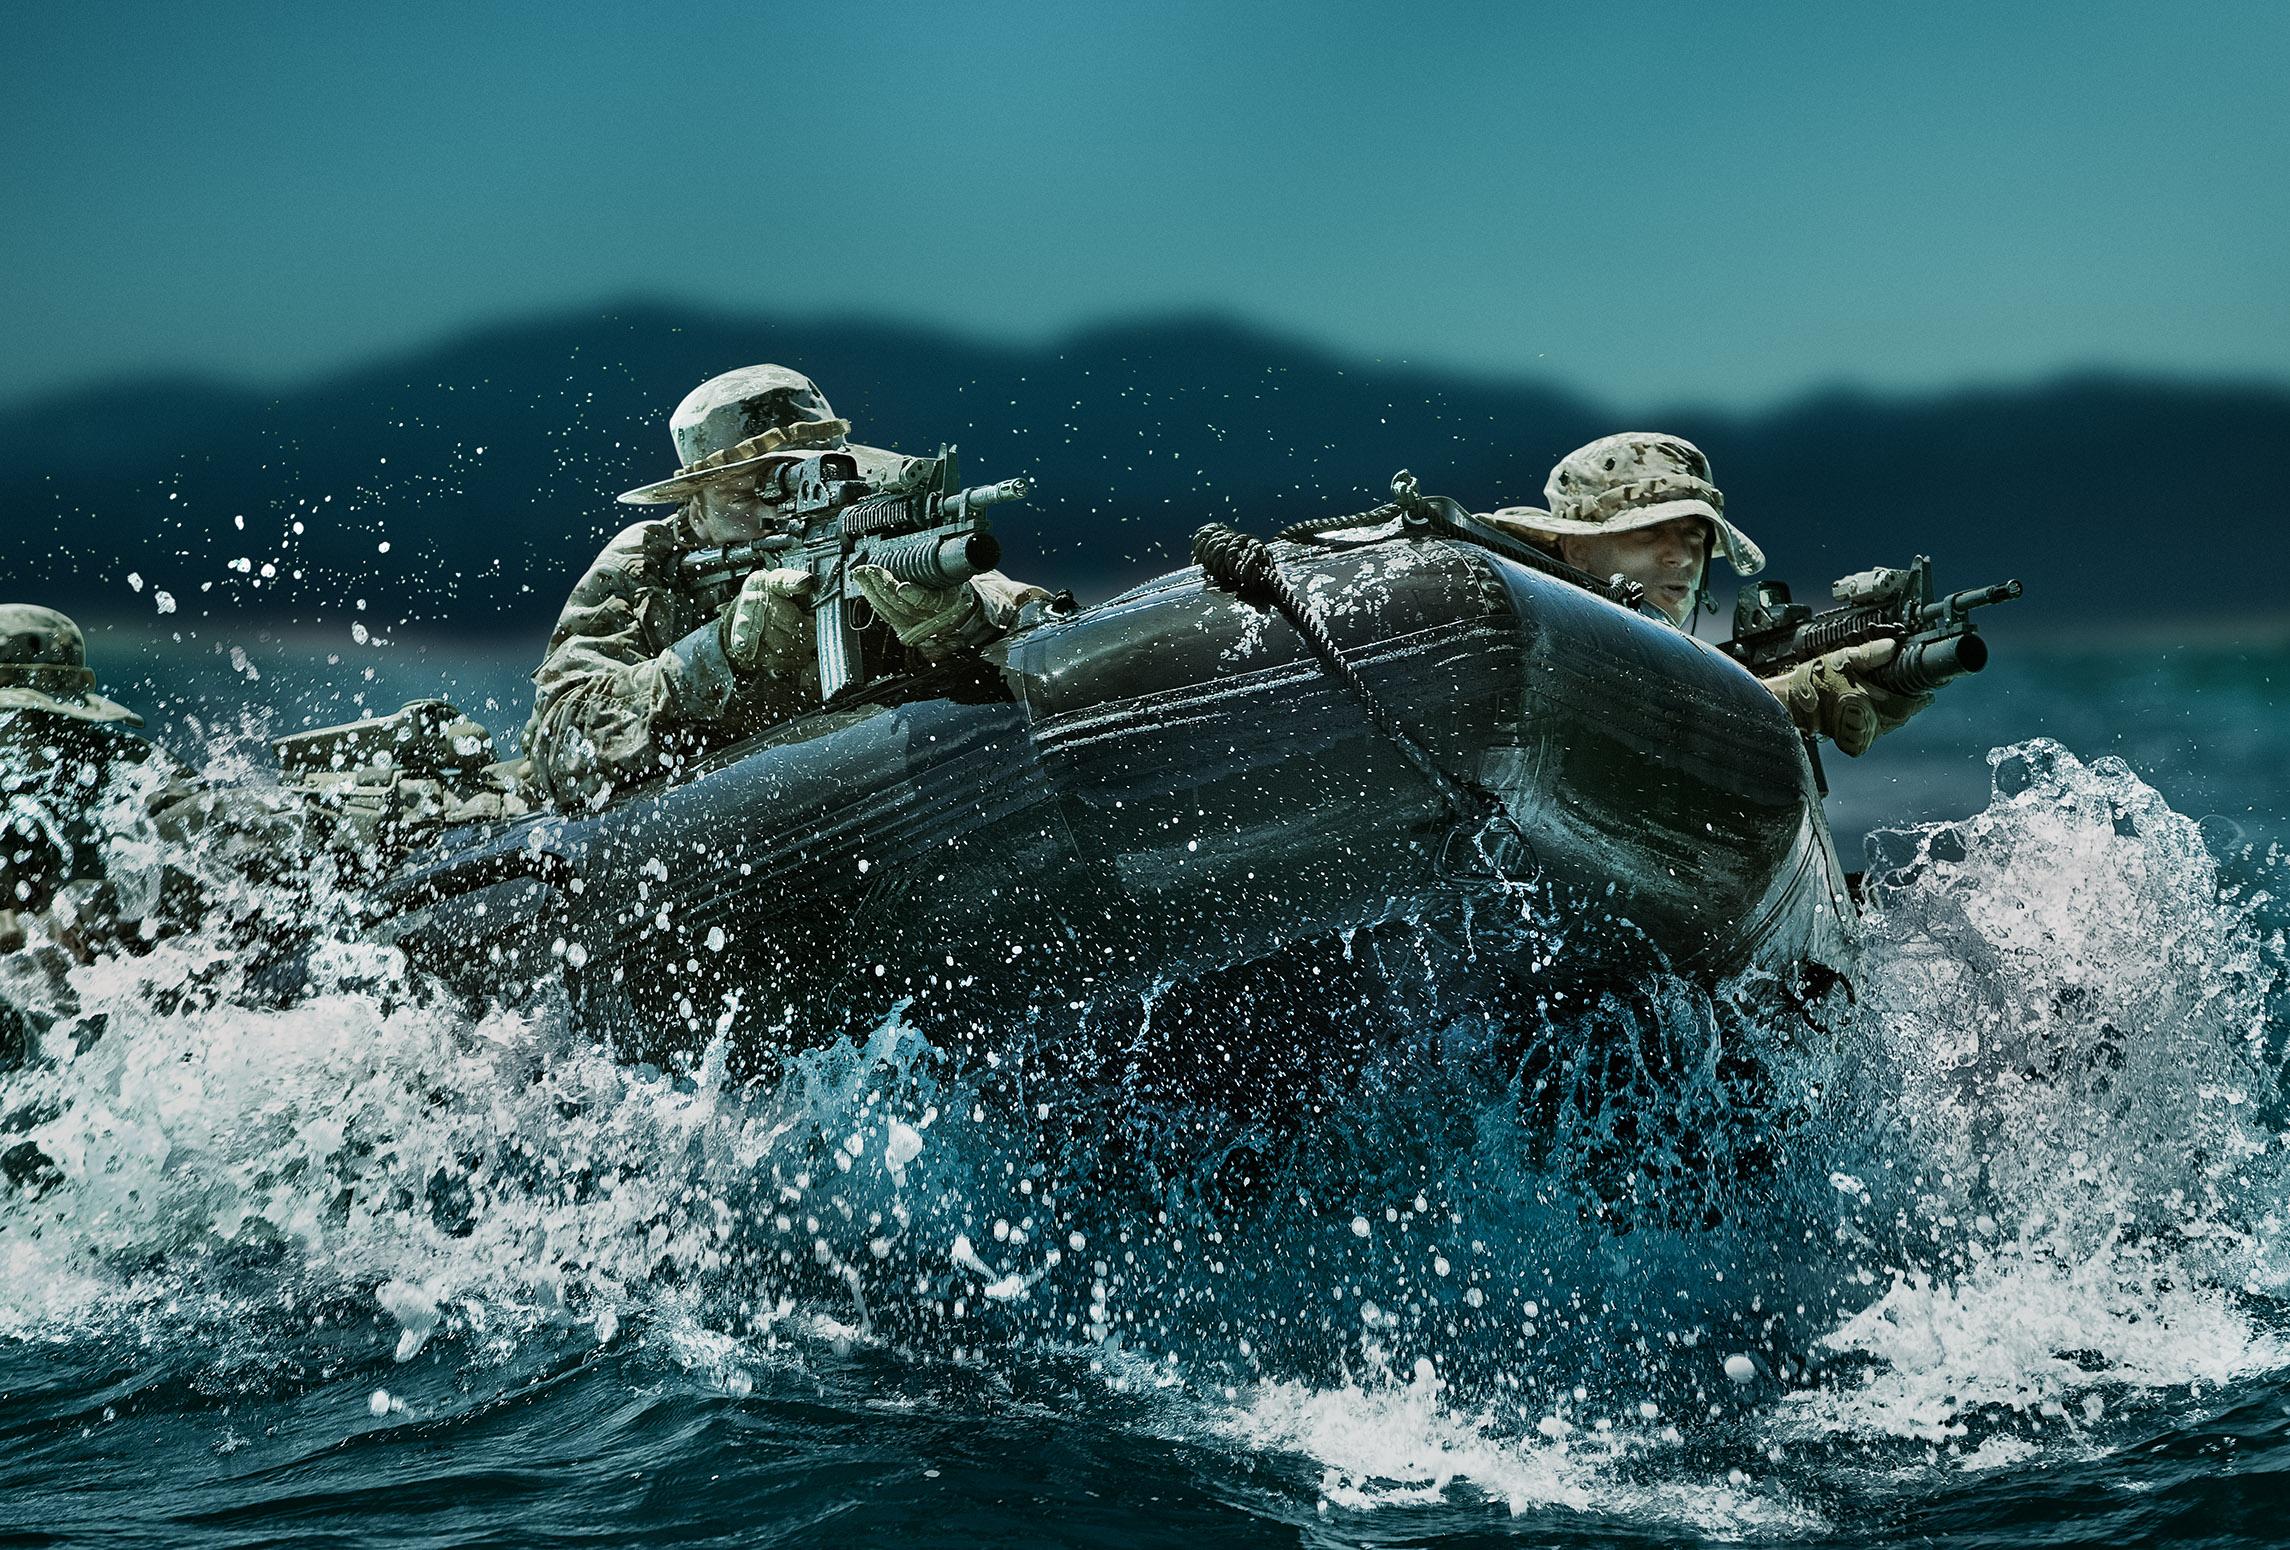 AK_110315_LH_SEAL_ZODIAC_035_V3_CRP.jpg